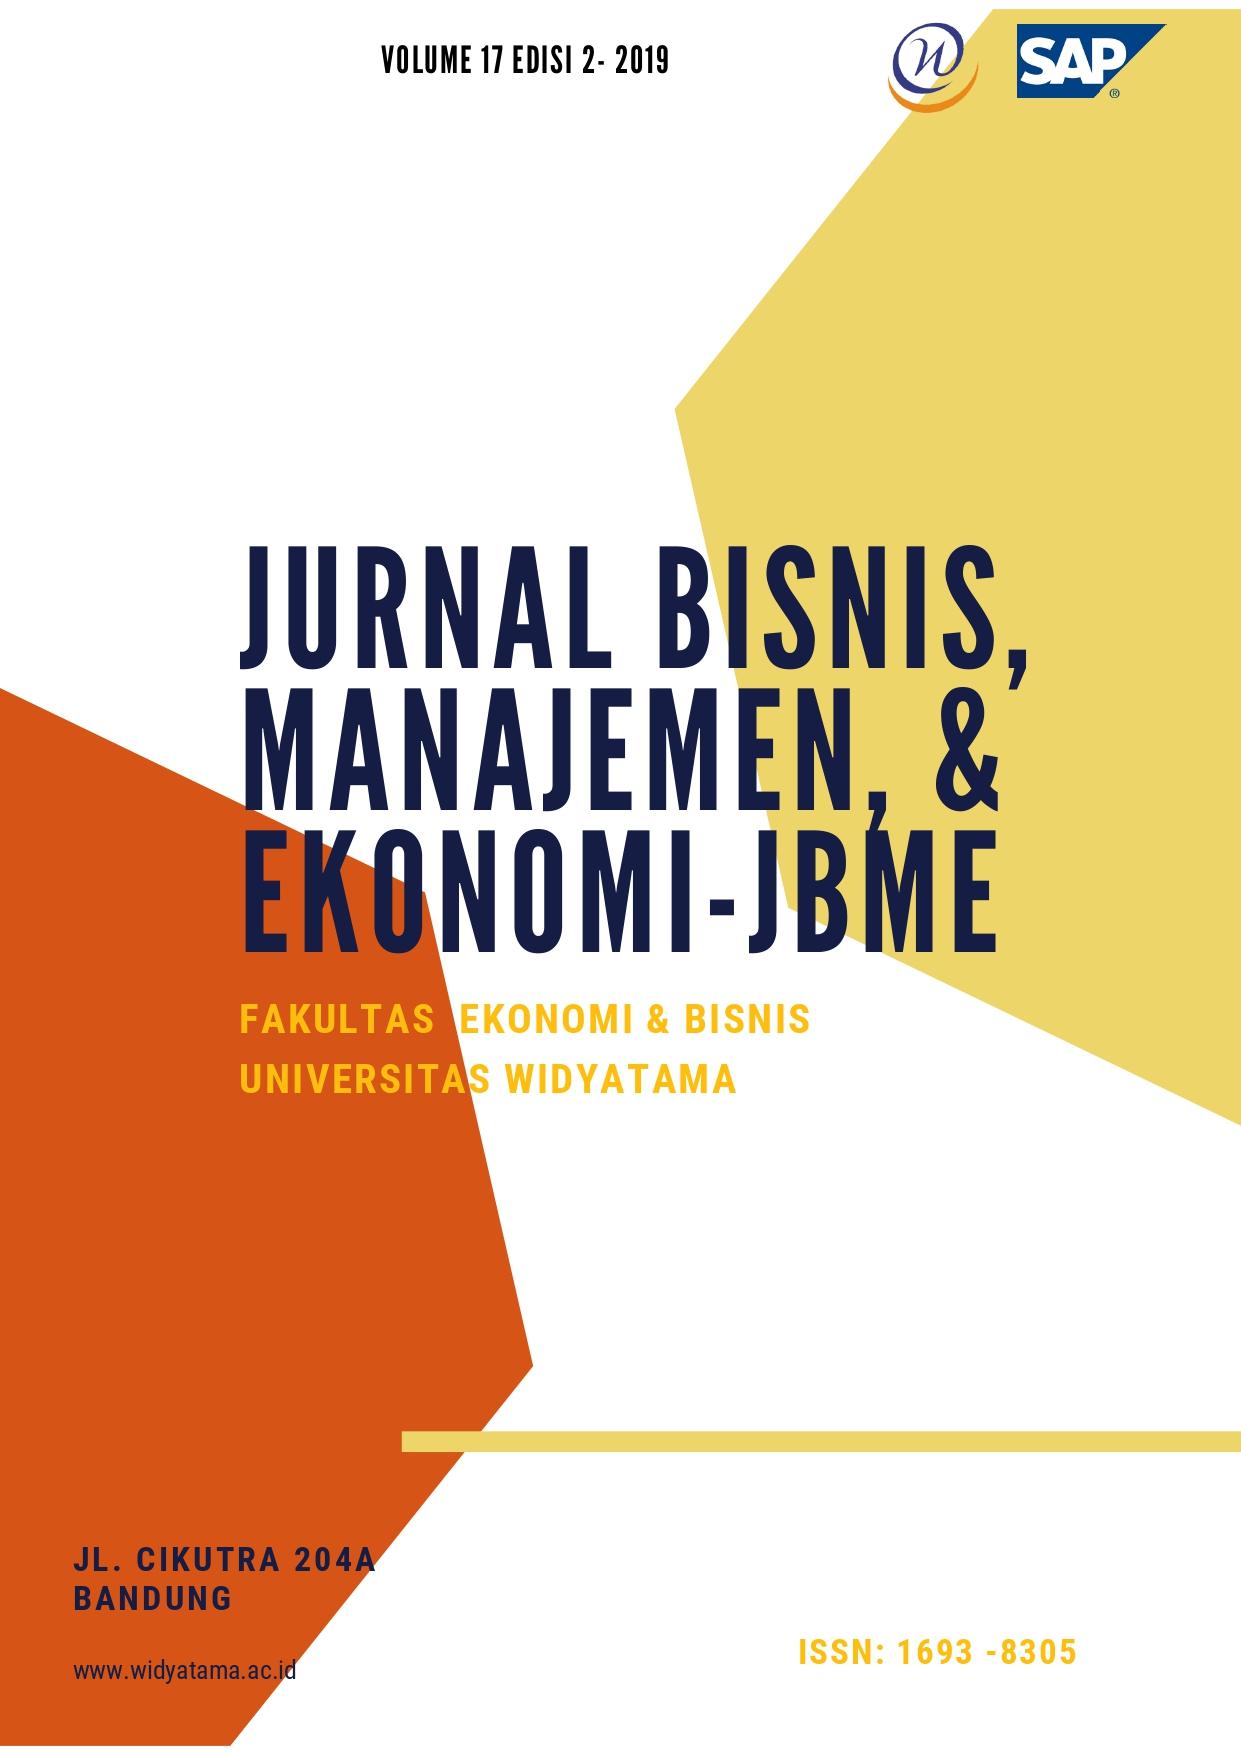 View Vol. 17 No. 2 (2019): Jurnal Bisnis Manajemen & Ekonomi